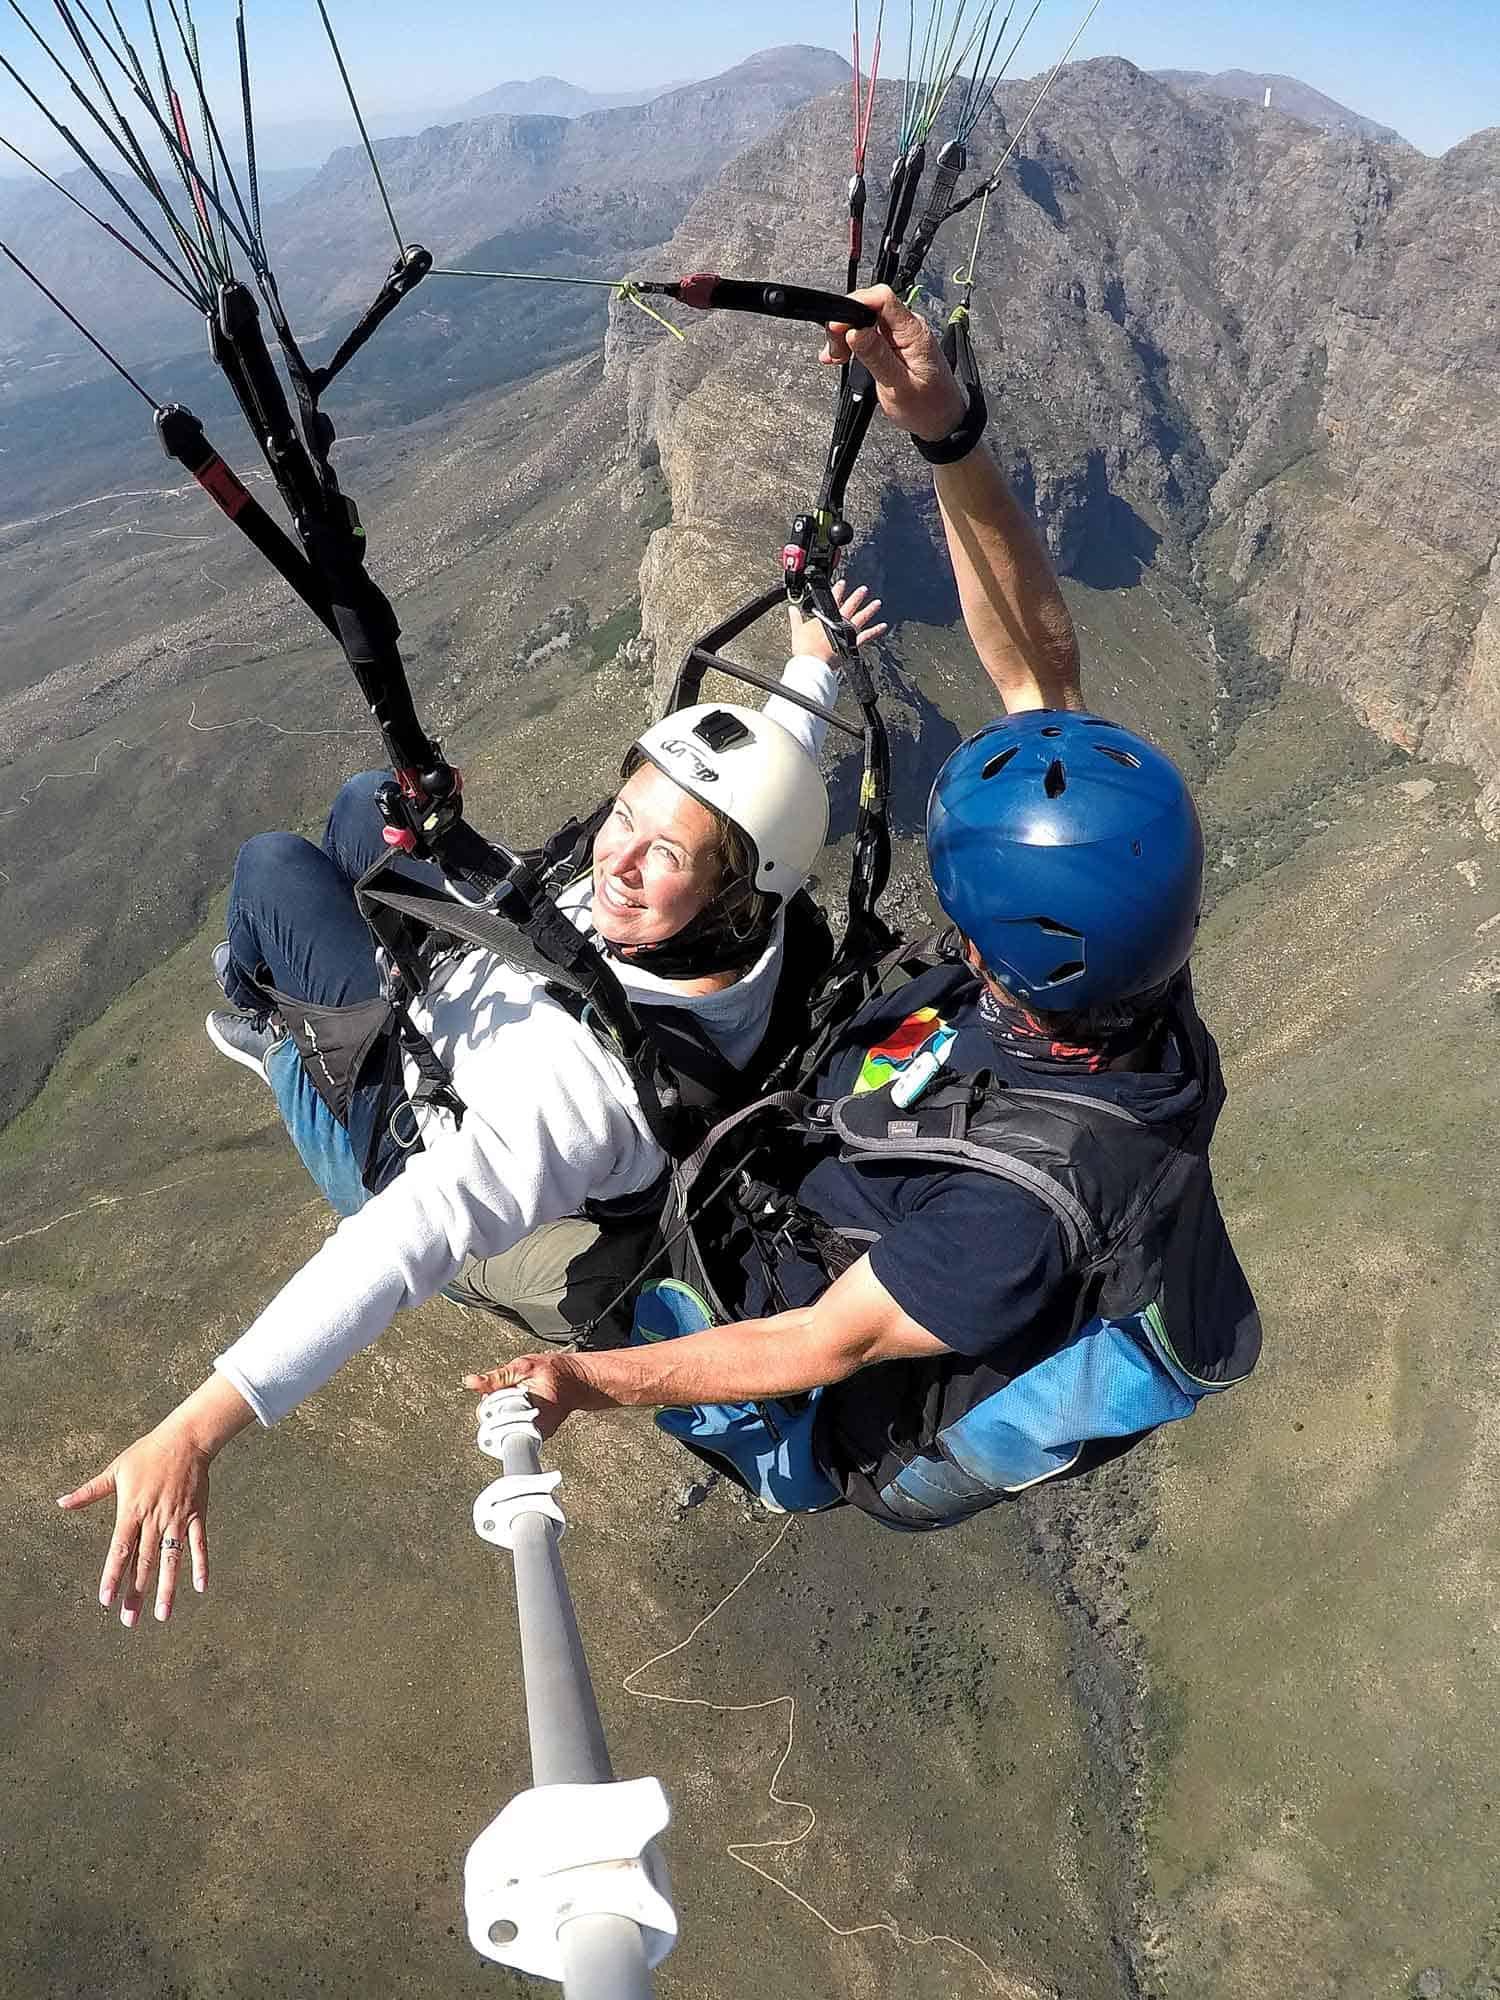 cape-hope-paragliding-38-min